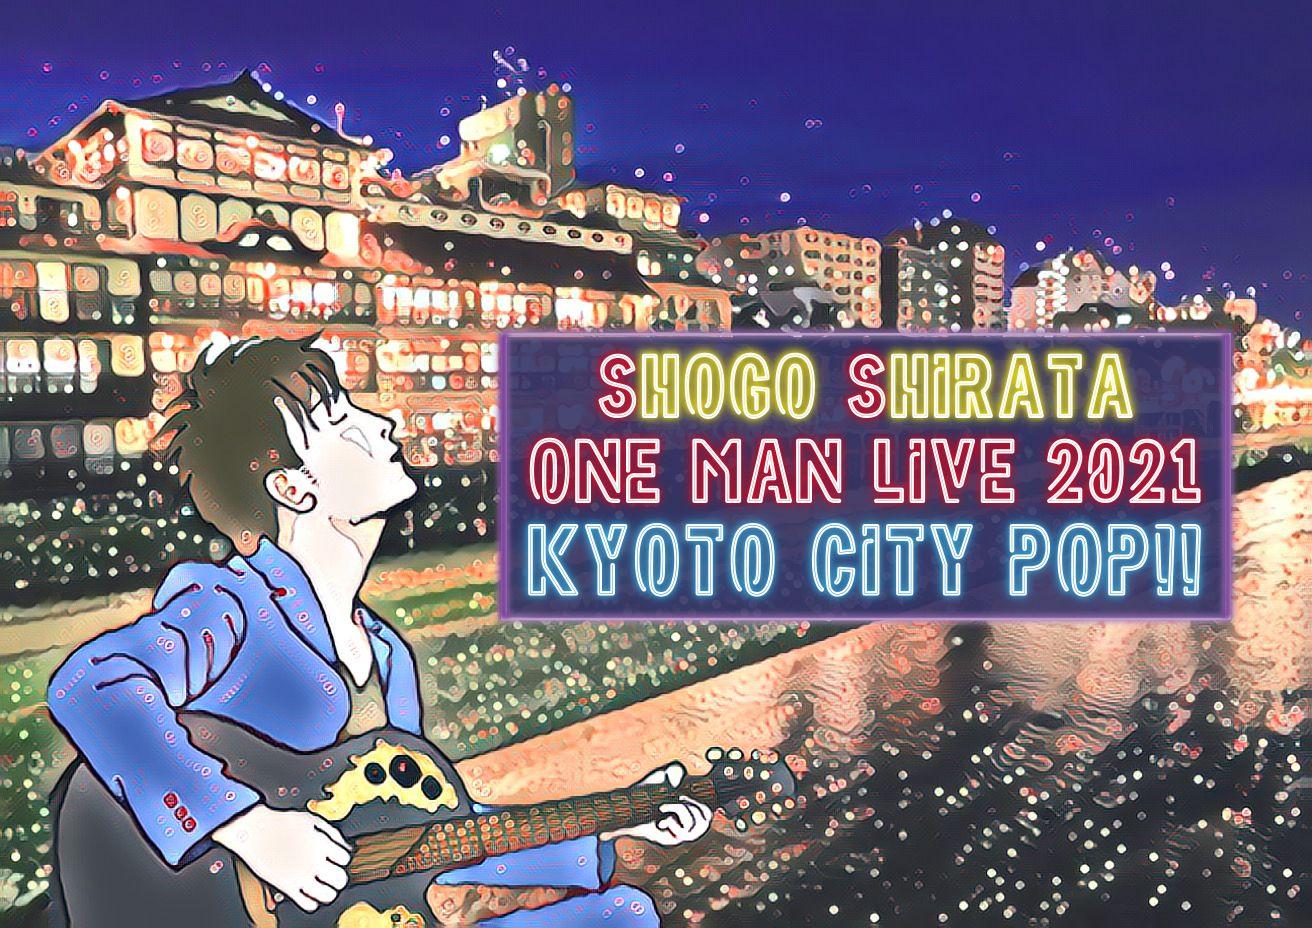 白田将悟ワンマンライブ2021~KYOTO CITY POP!!~